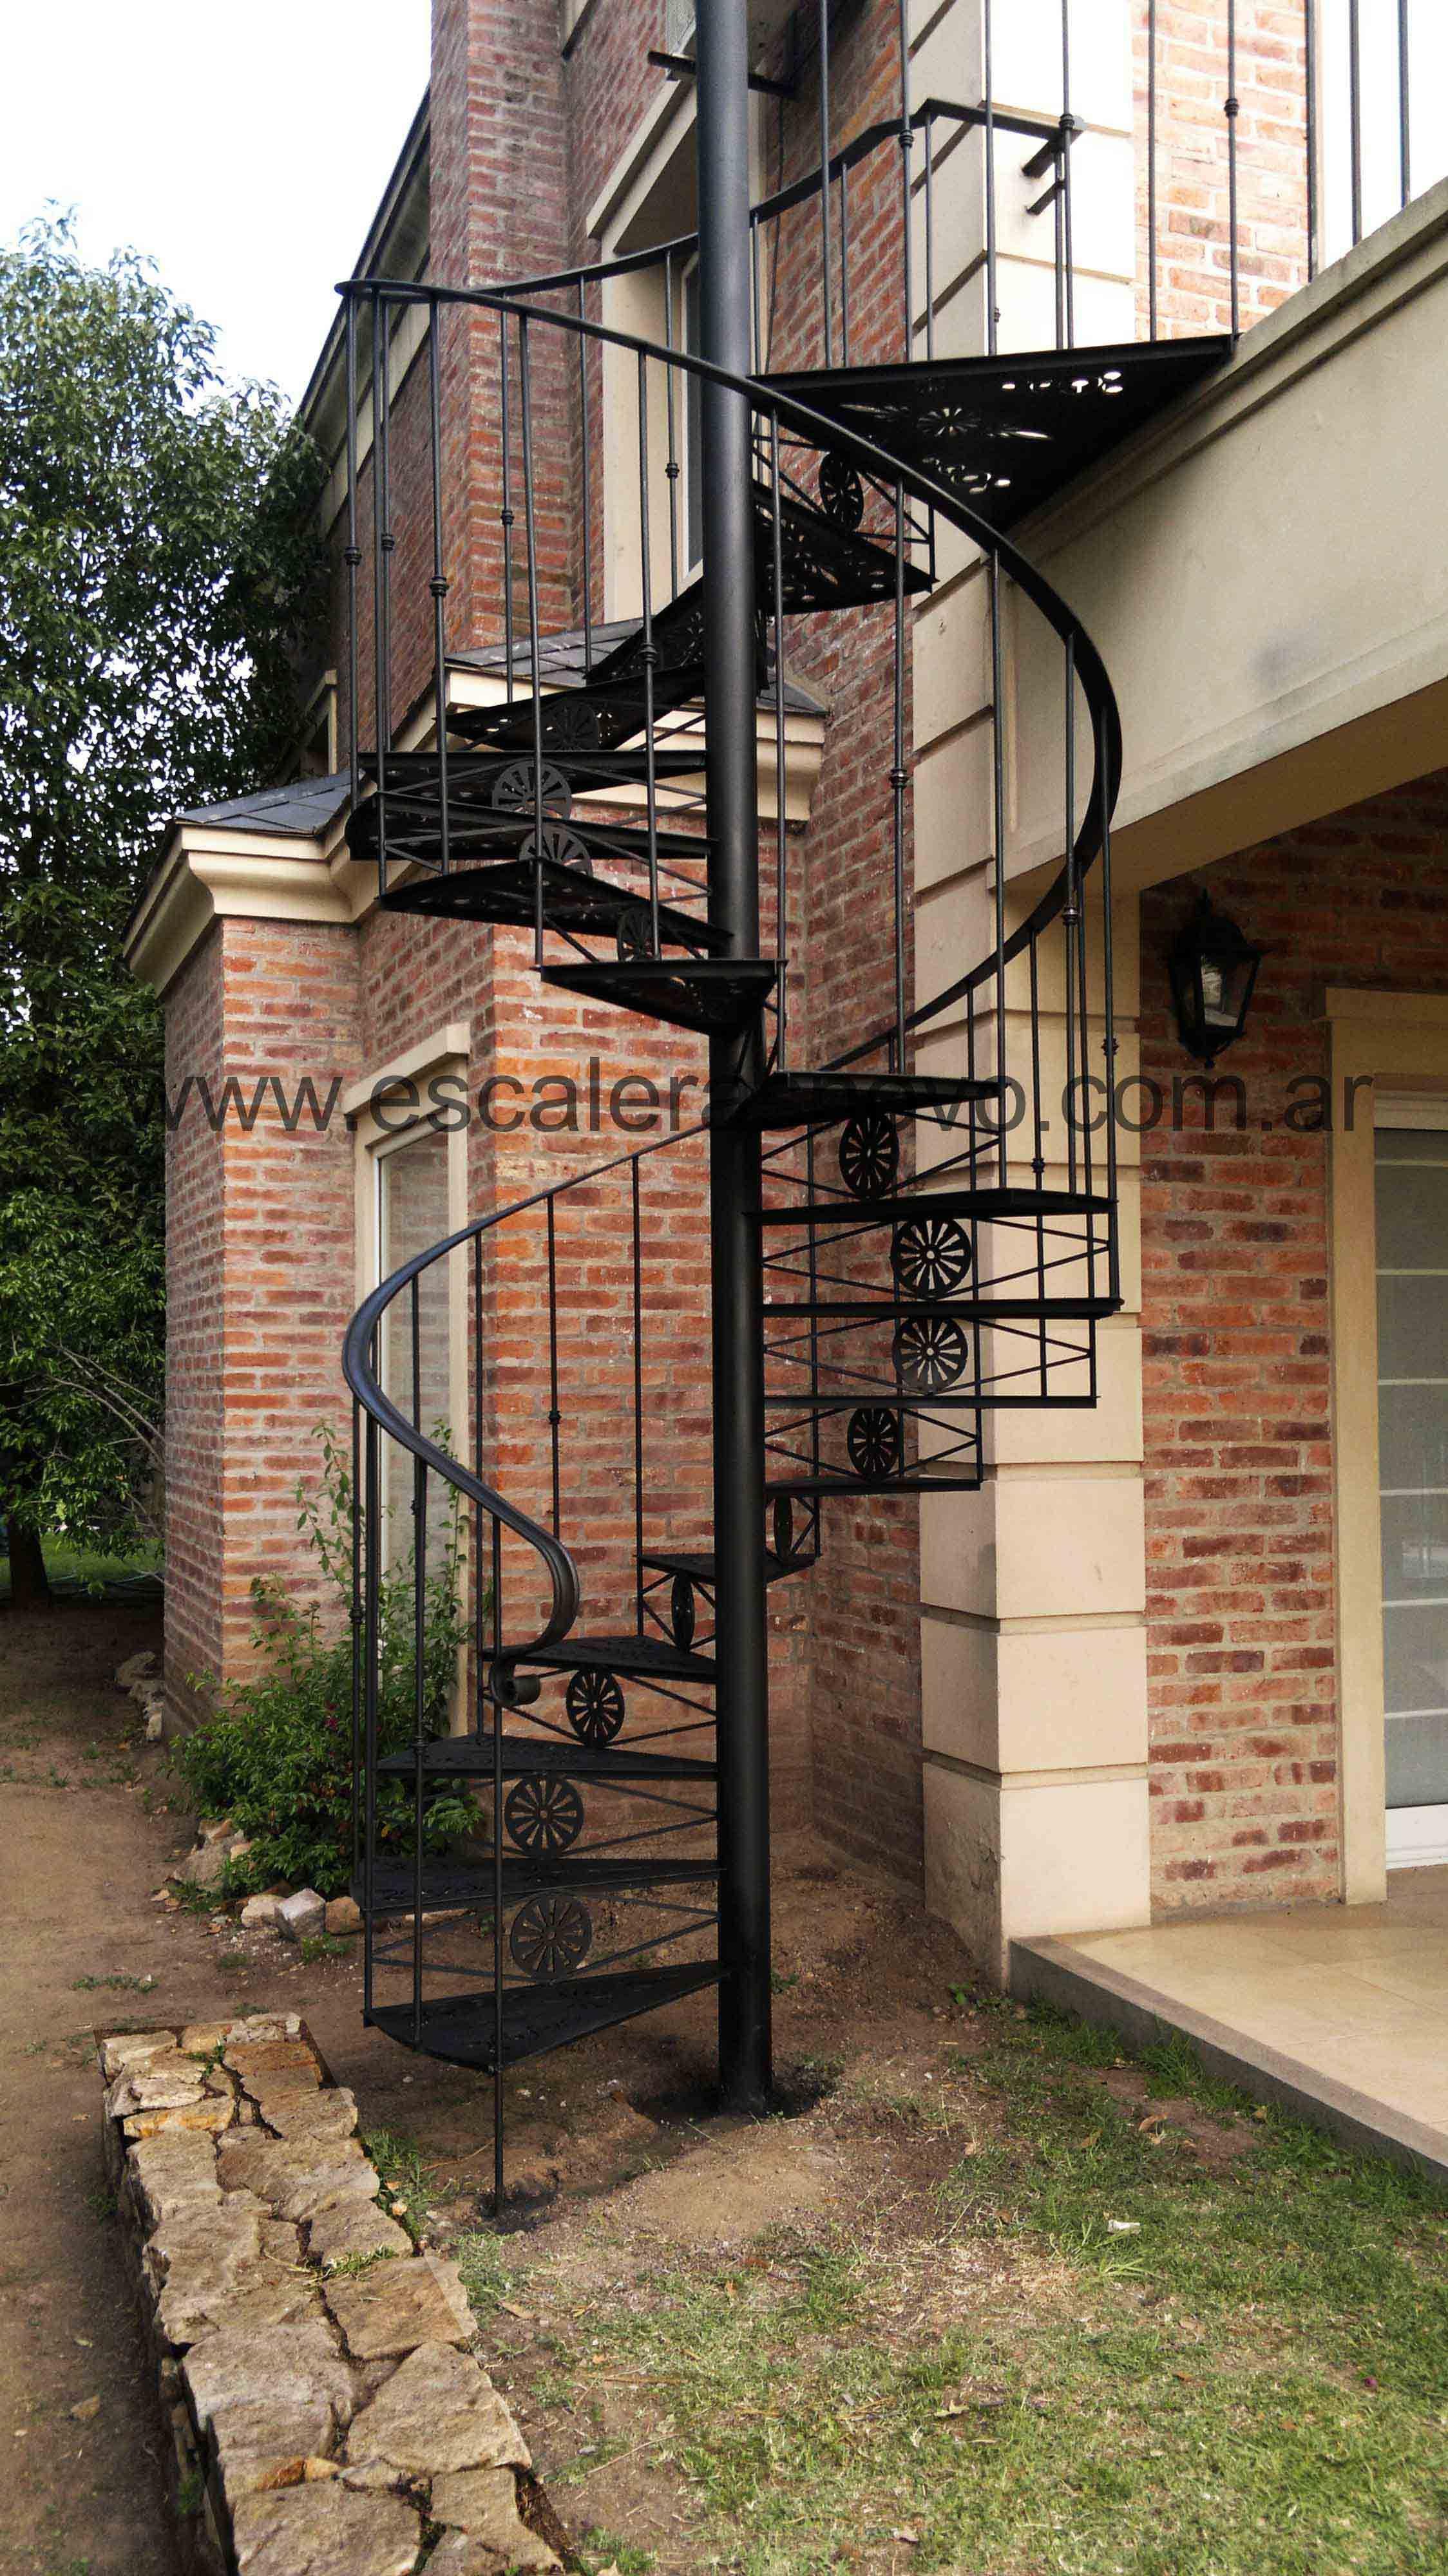 Escalera personalizada n 19 construccion pinterest for Construccion de escaleras metalicas